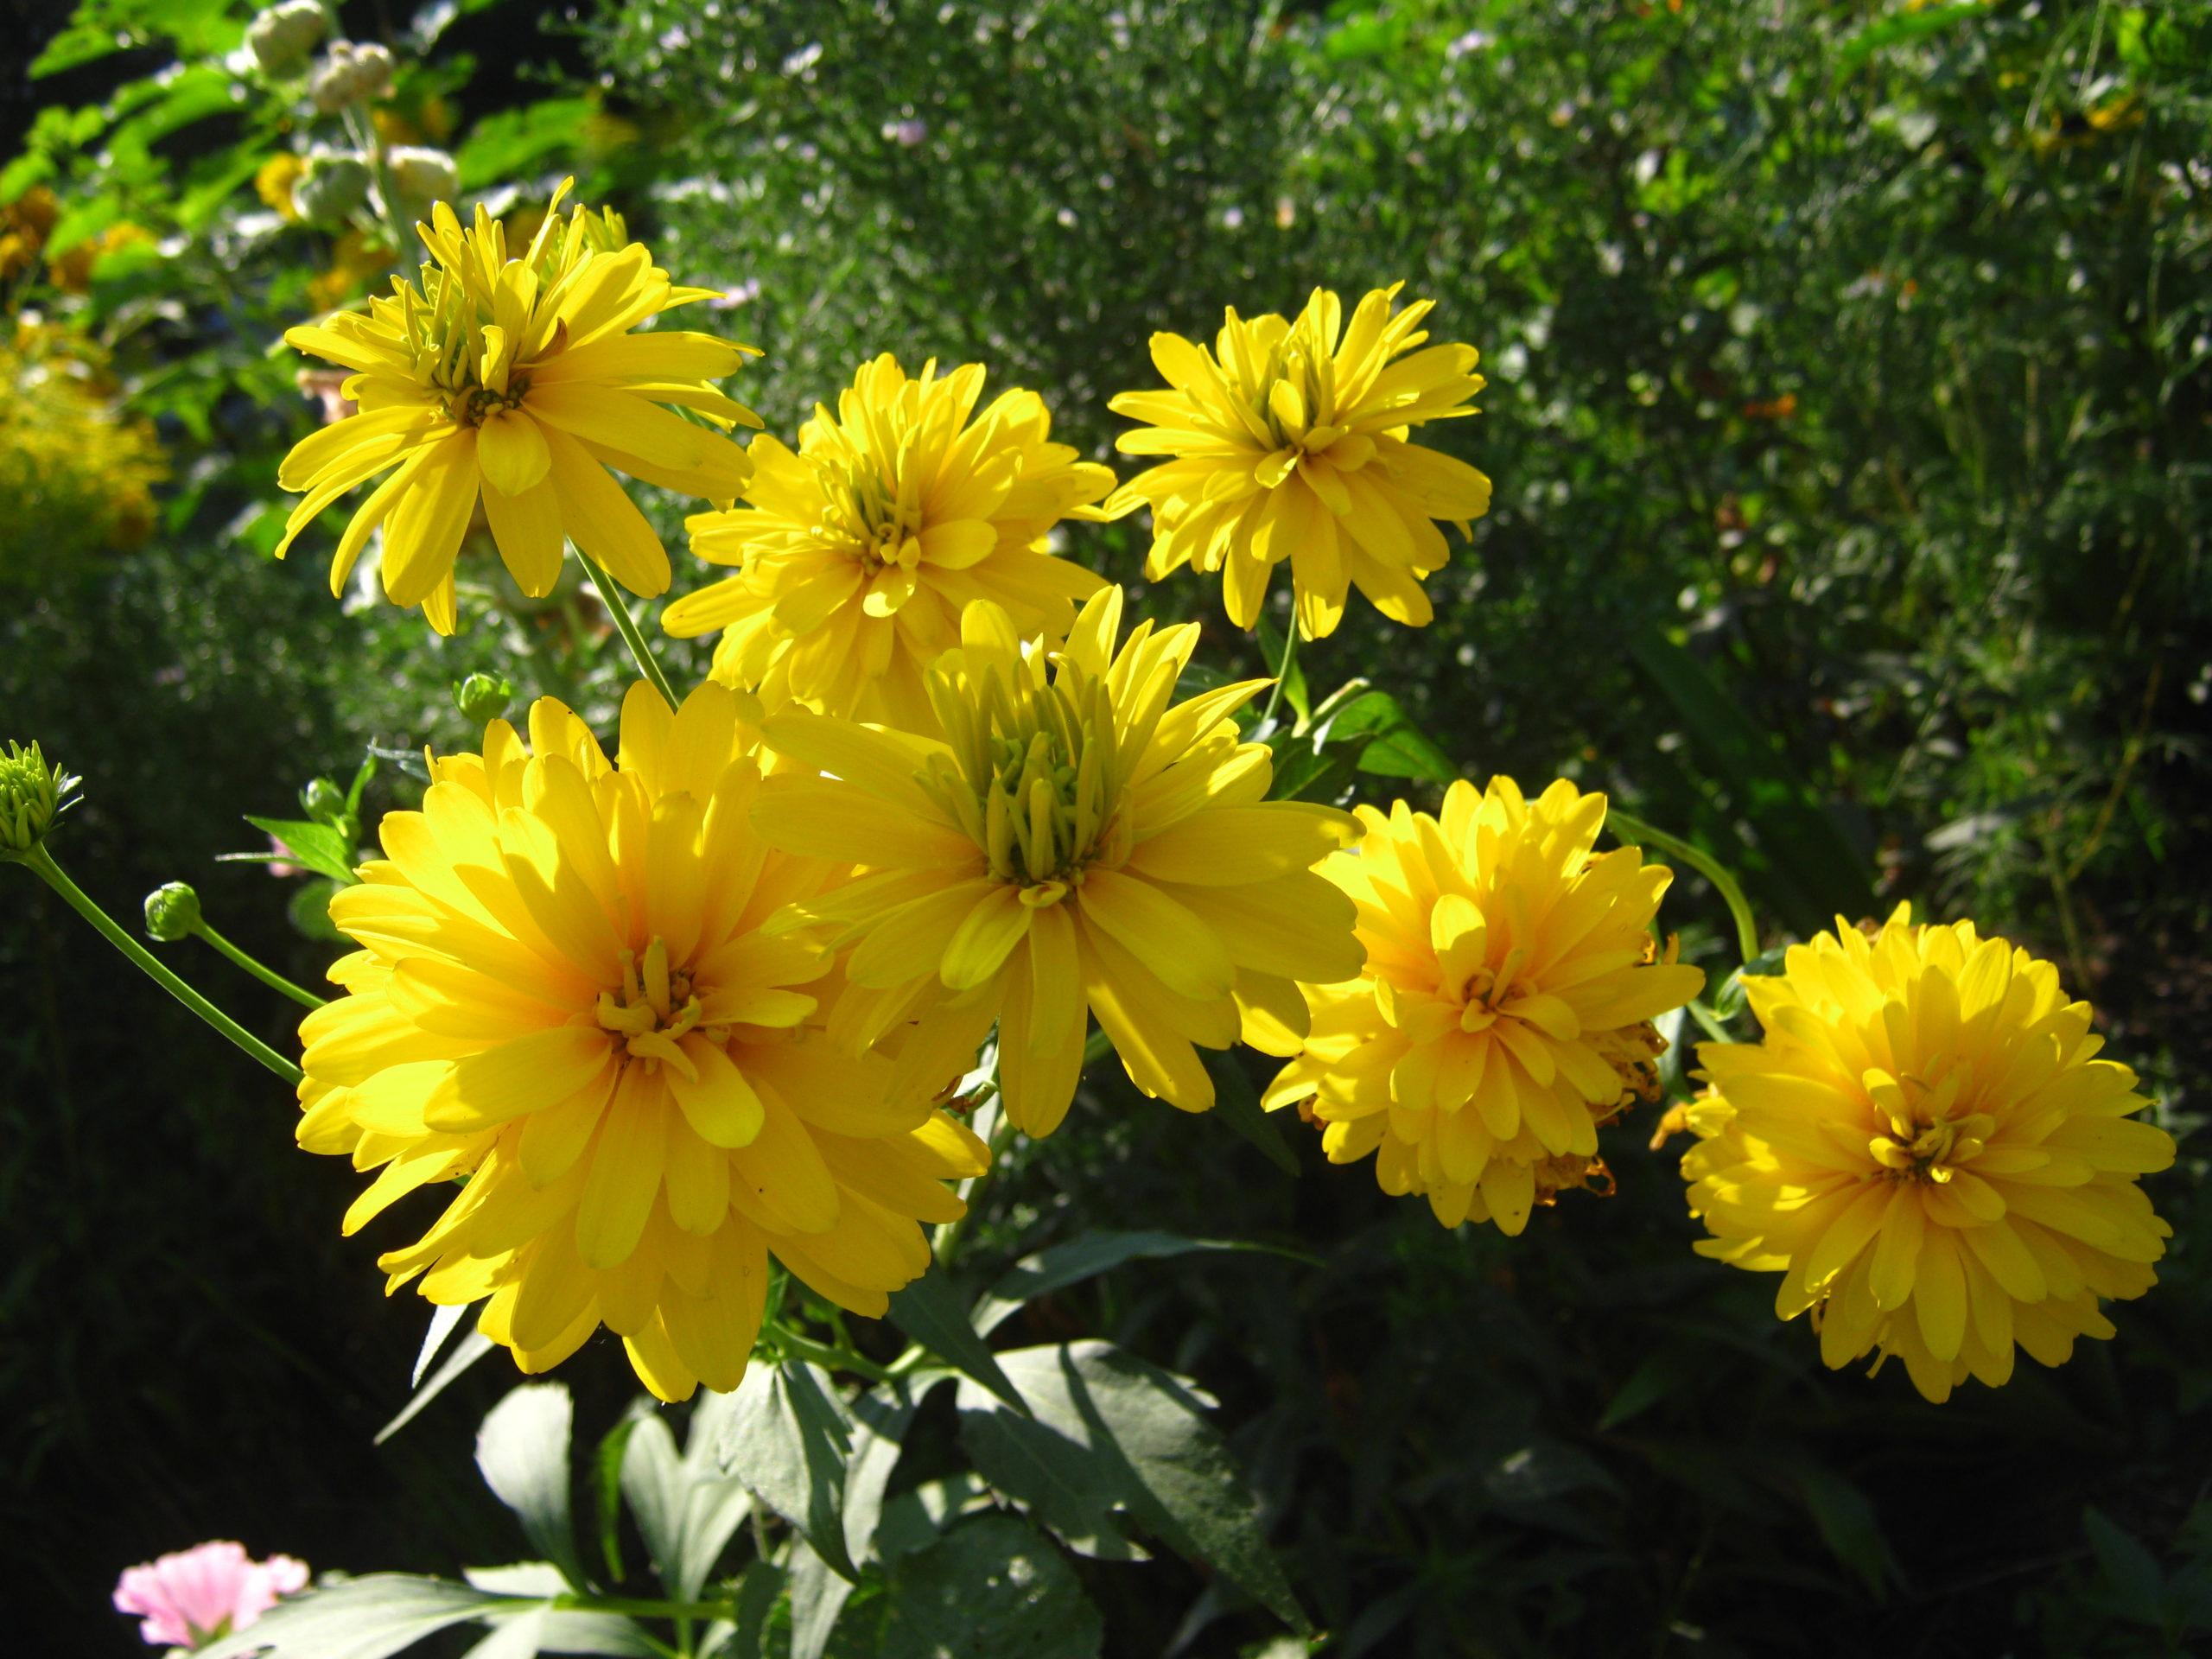 Цветы золотые шары или рудбекия